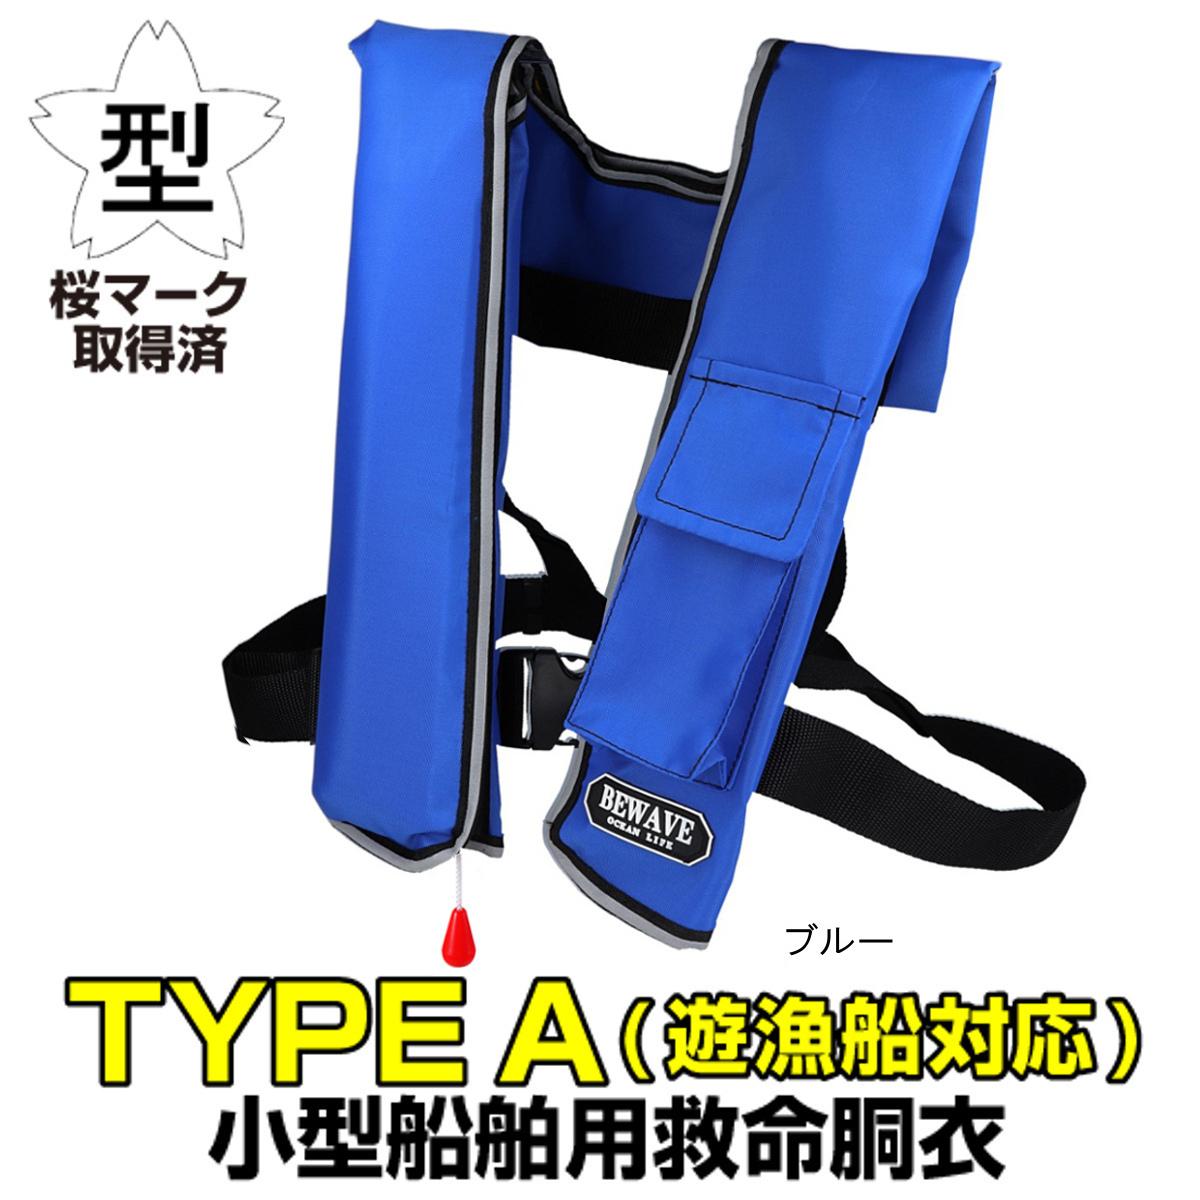 オーシャンLG-1型 TYPE A ブルー ※遊漁船対応【送料無料】